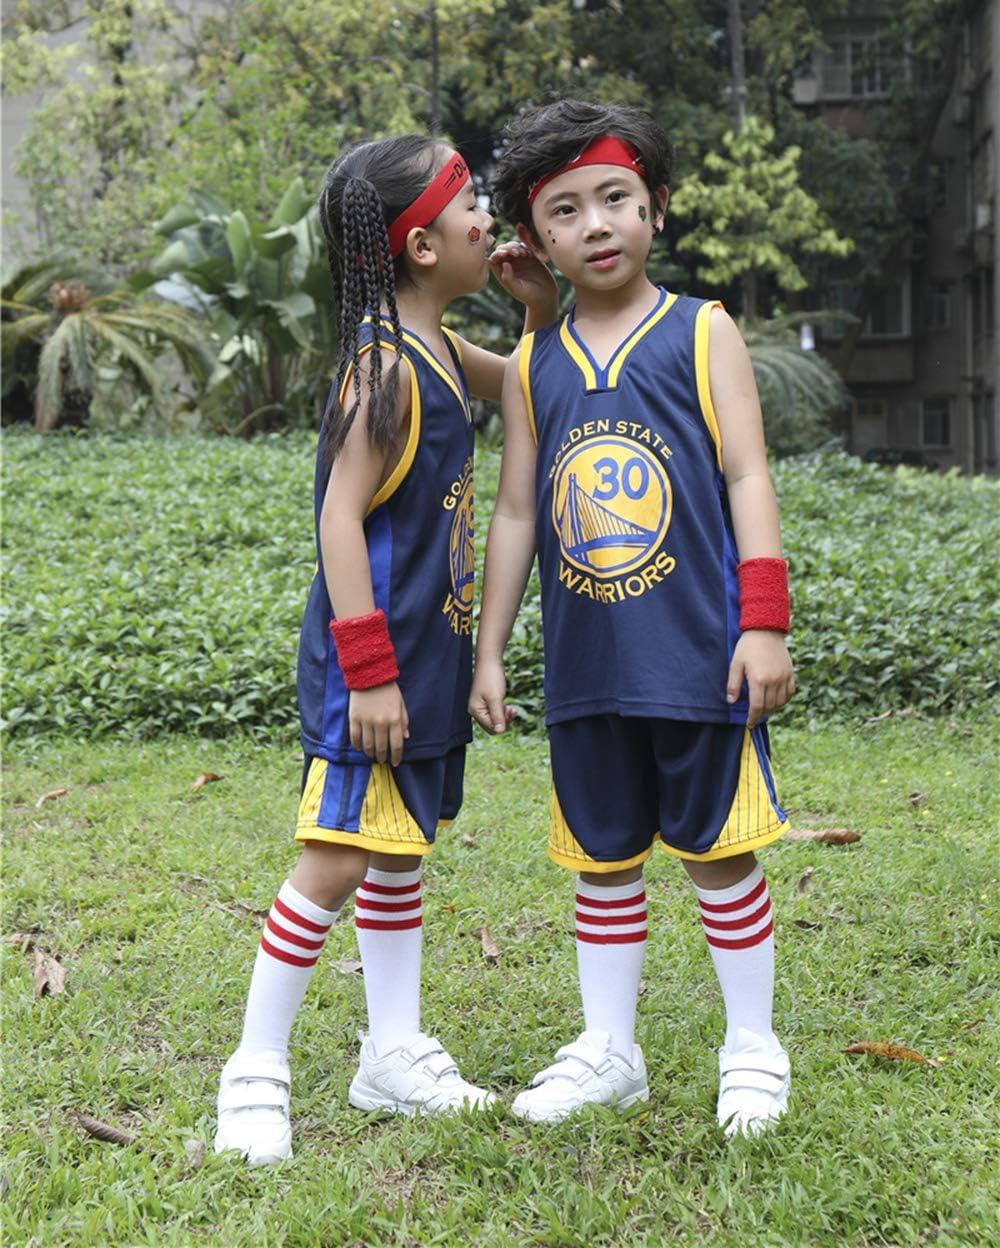 NBA Warriors #30 Curry Basketball Uniform Summer Shirt Vest Top Shorts for Boys and Girls Kids Basketball Jerseys Set